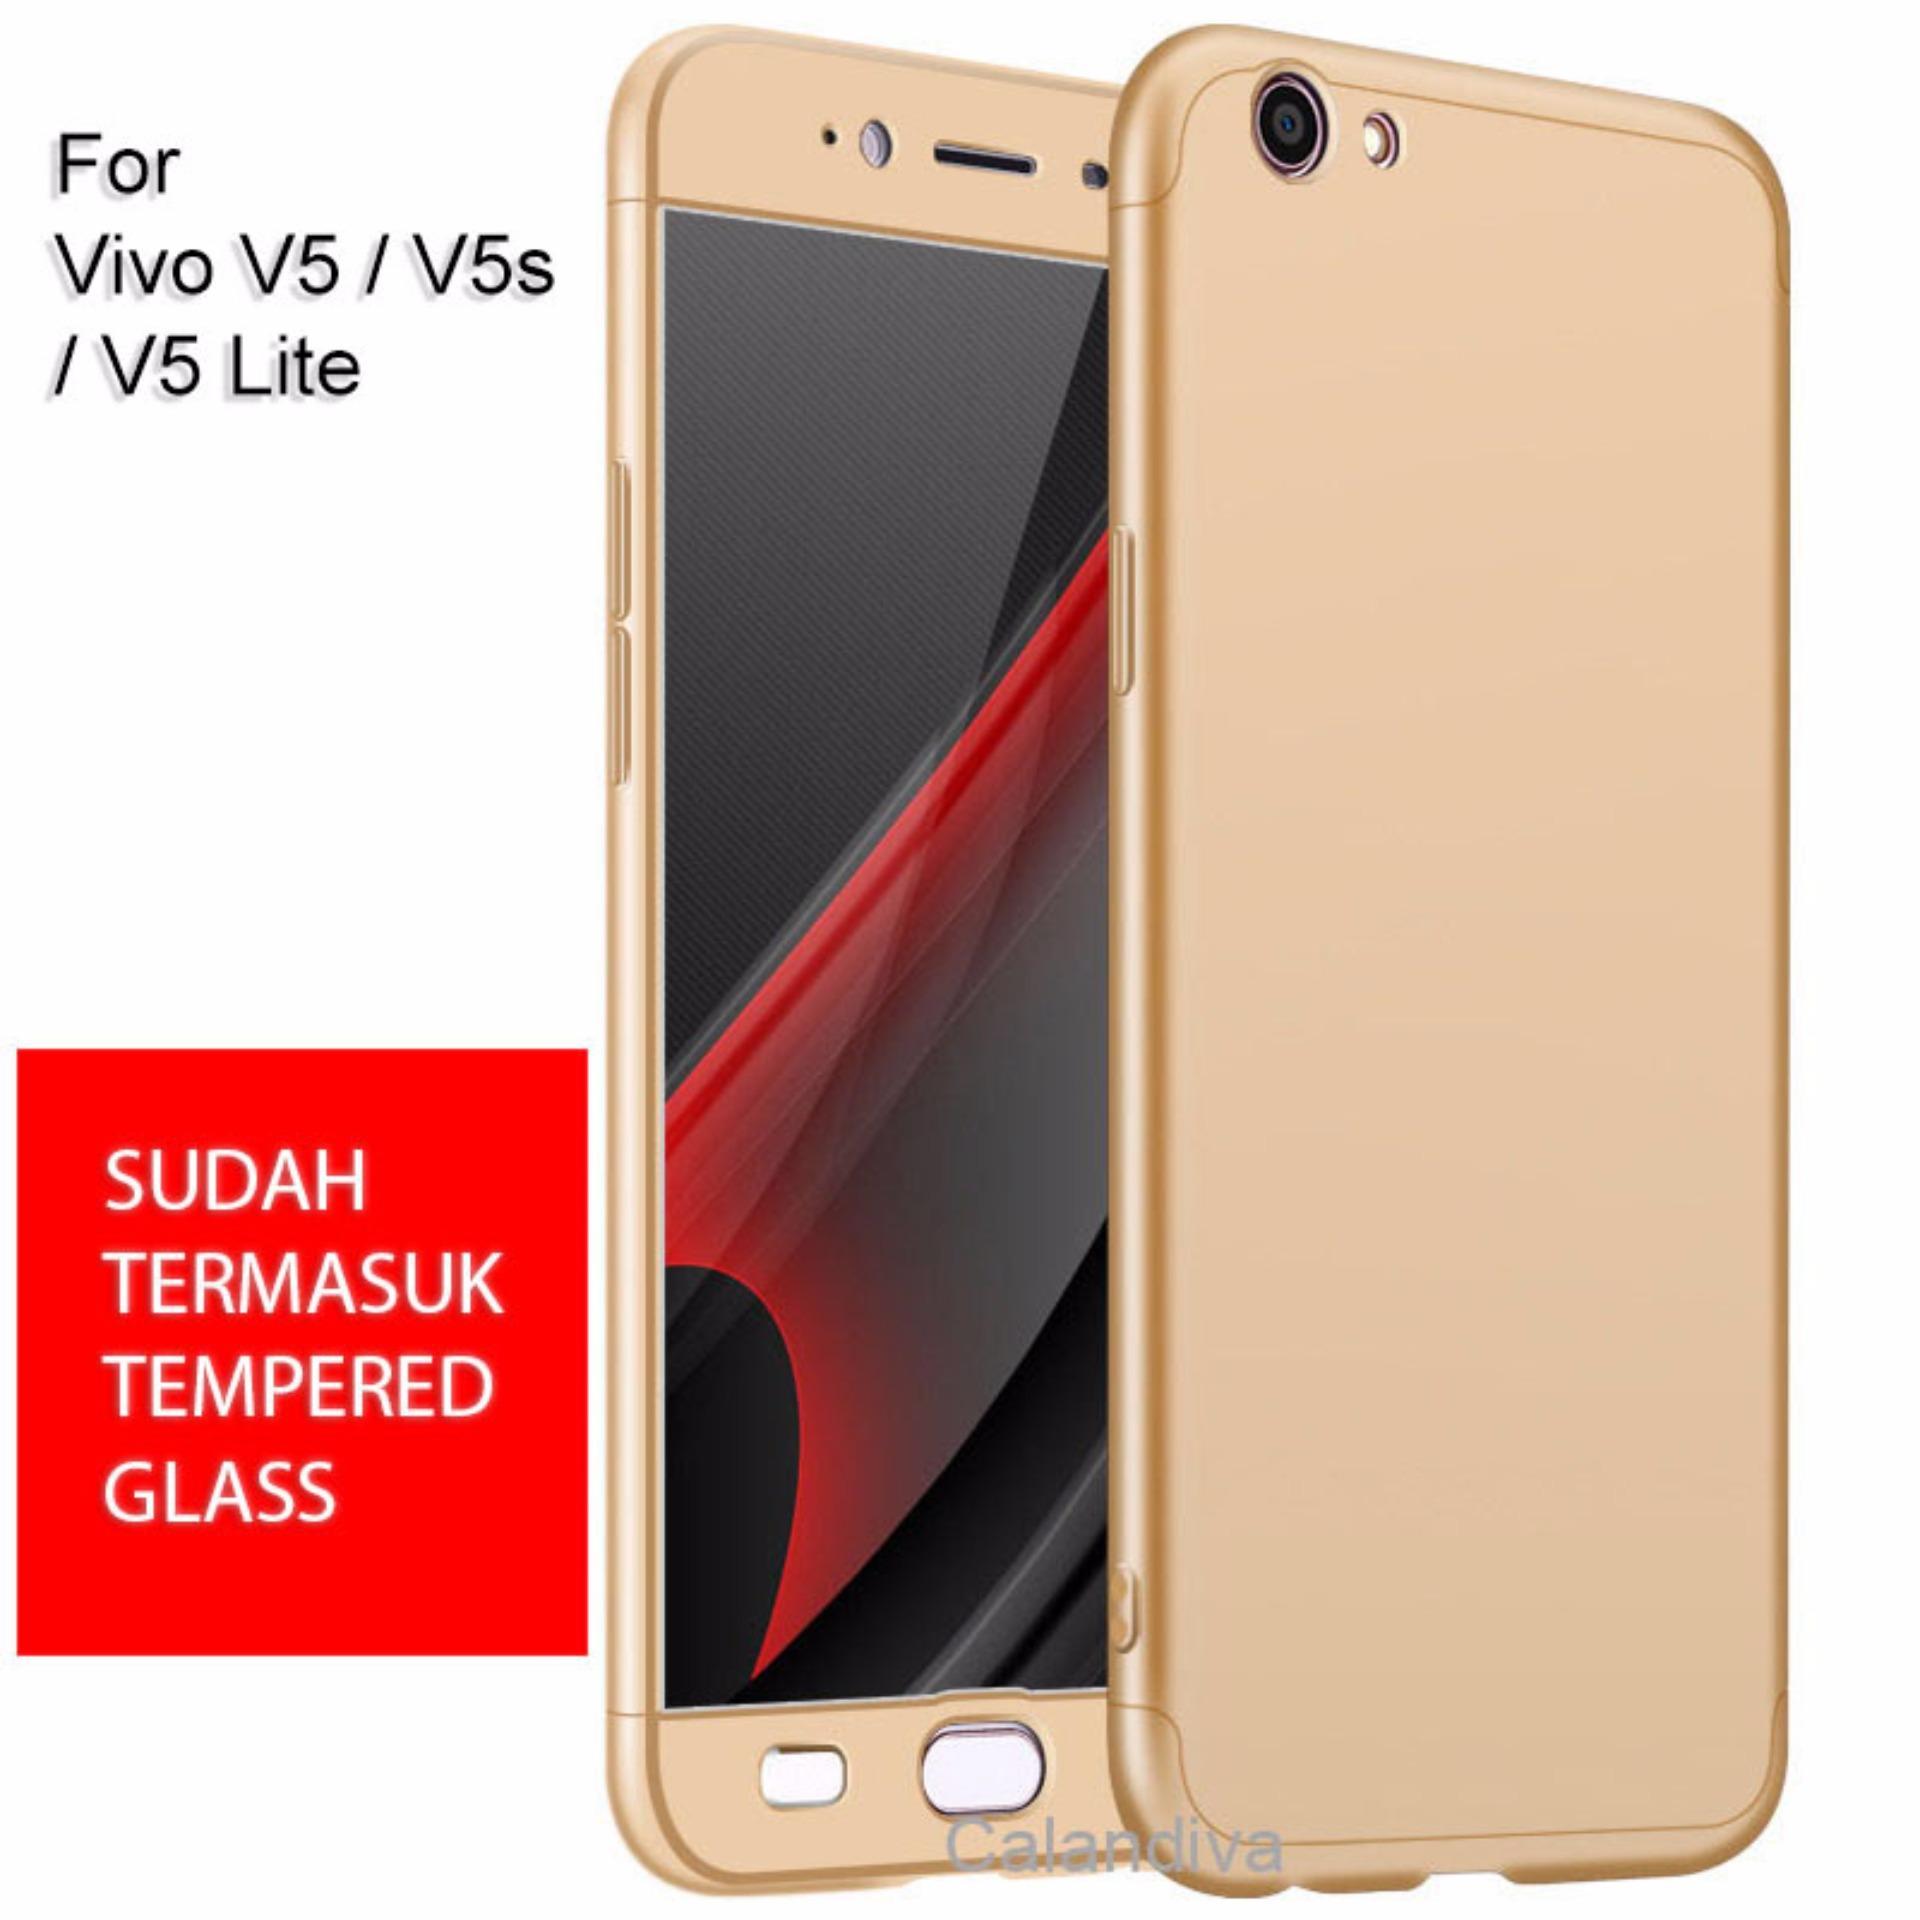 ... Calandiva Premium Front Back 360 Degree Full Protection Case for VIVO V5 / V5s / V5 ...